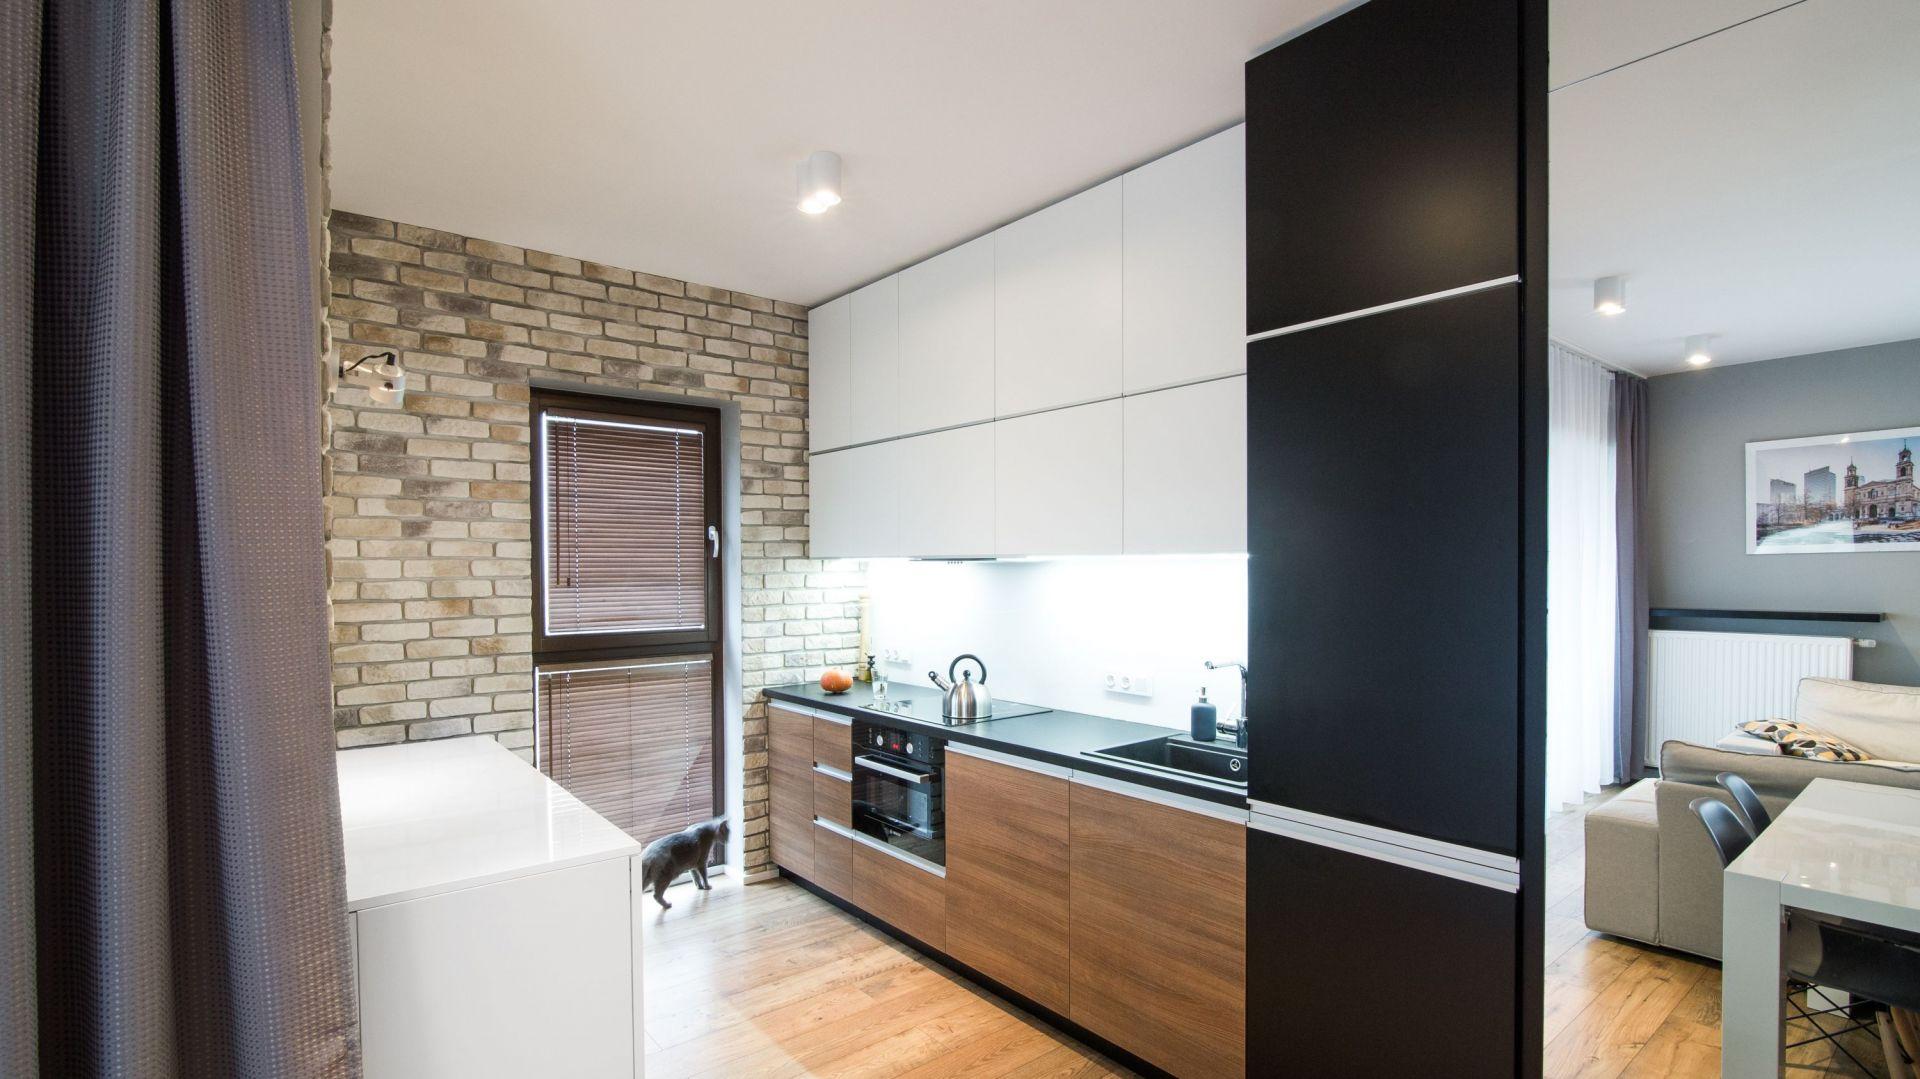 Kuchnia w mieszkaniu. 12 pomysłów na urządzenie. Projekt Joanna Nawrocka